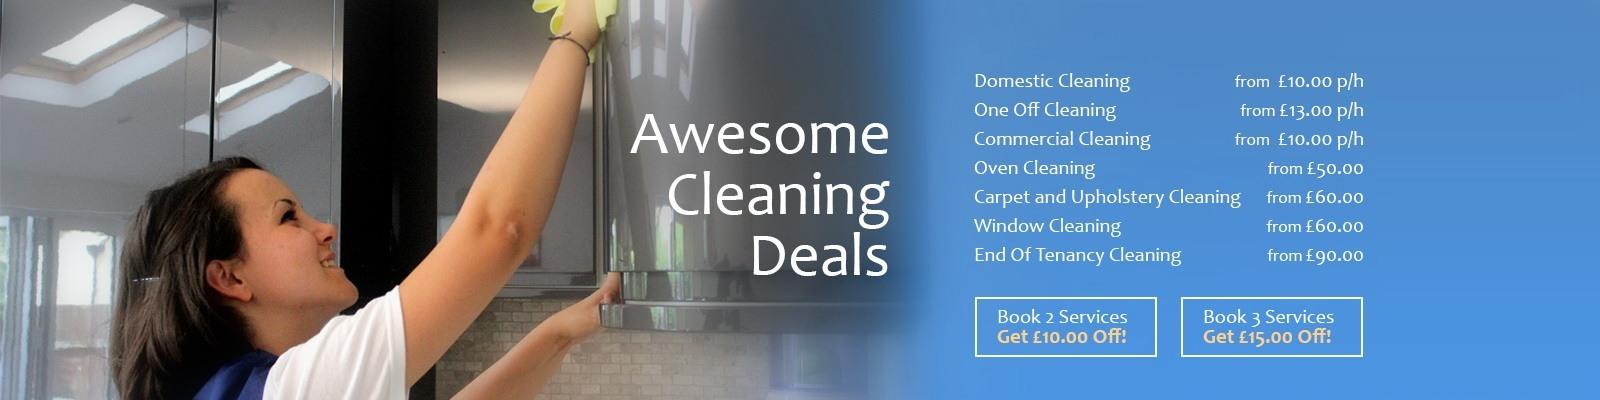 FastKlean Cleaning Deals